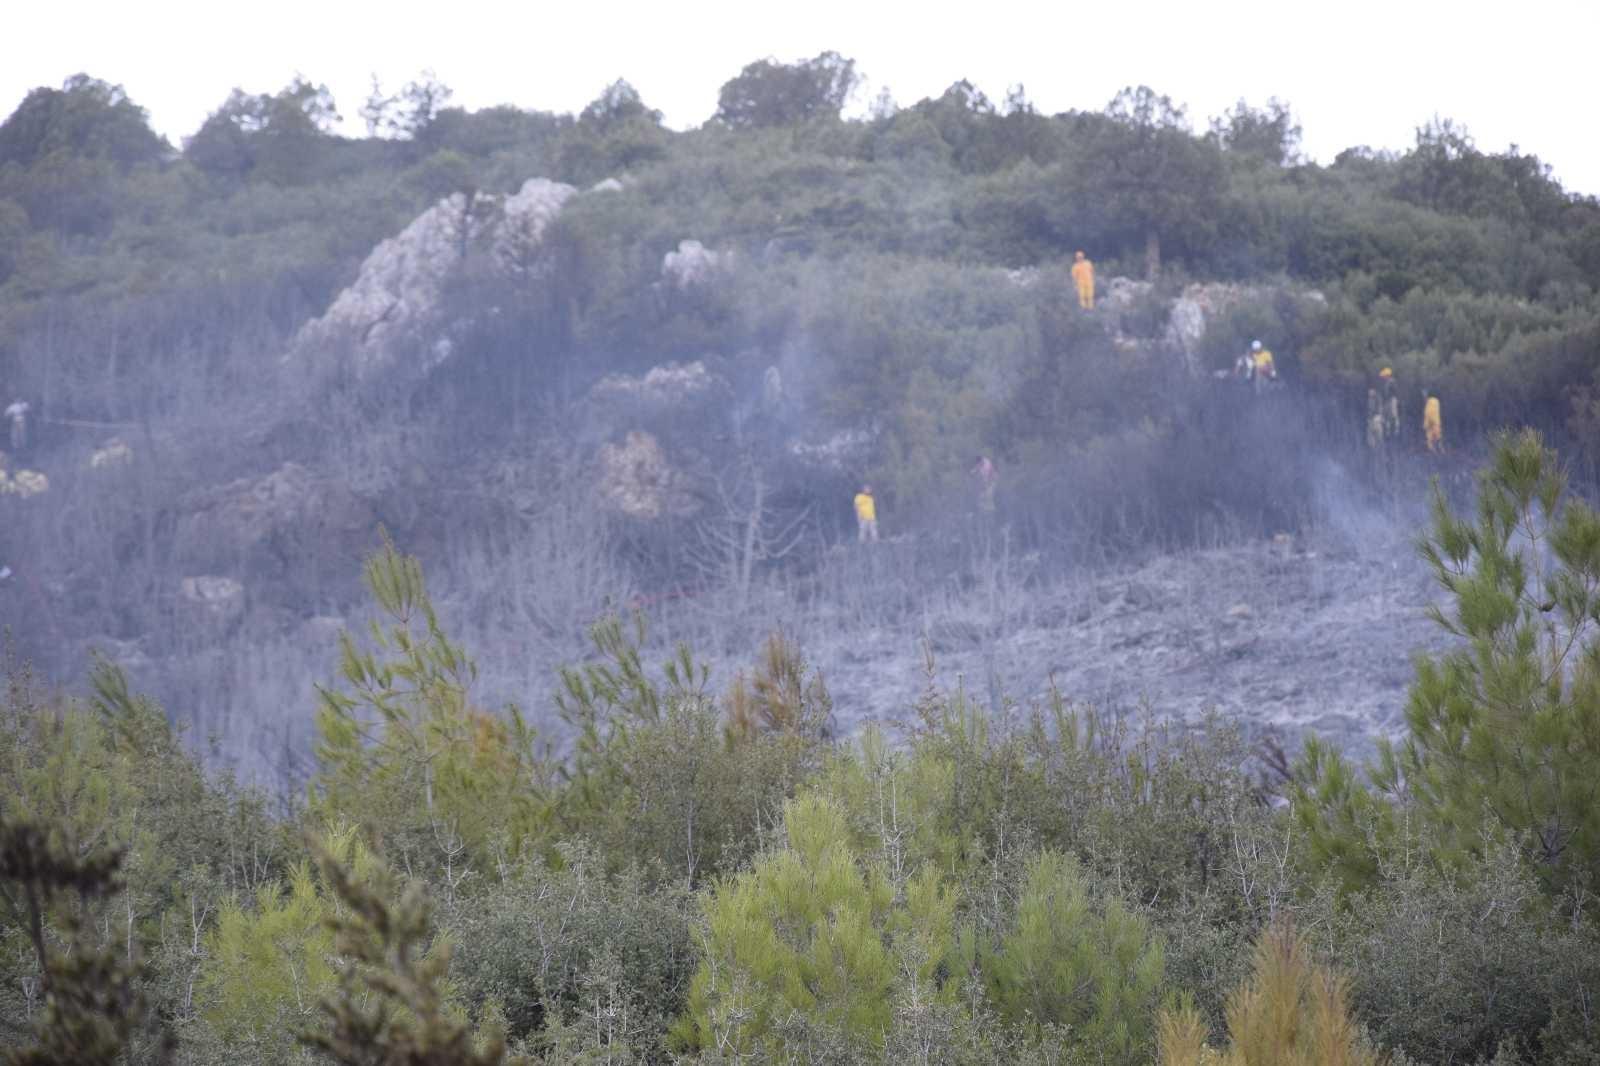 Bucak'taki orman yangını kontrol altına alındı #burdur